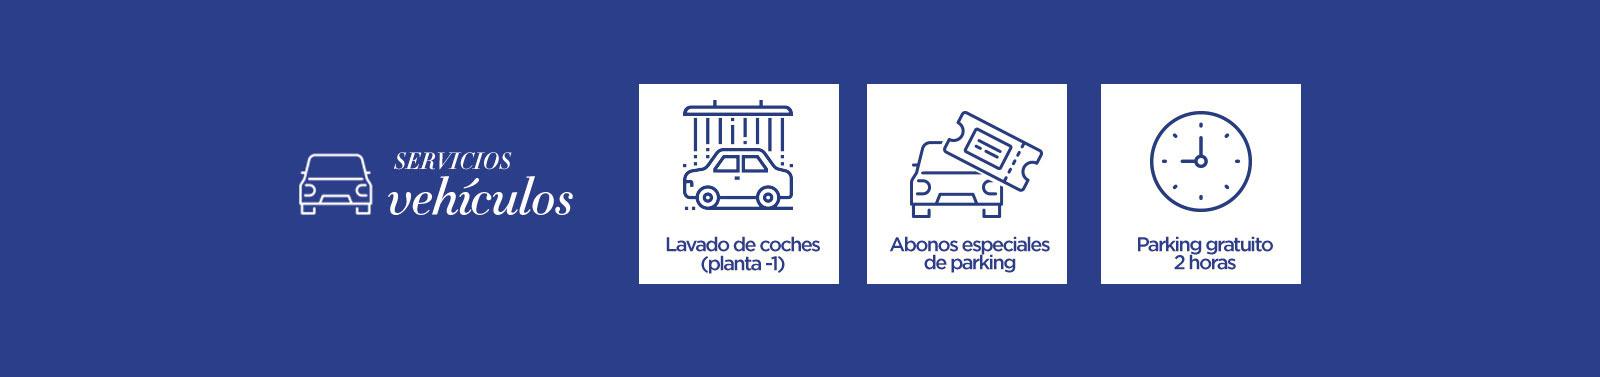 servicios-vehiculos